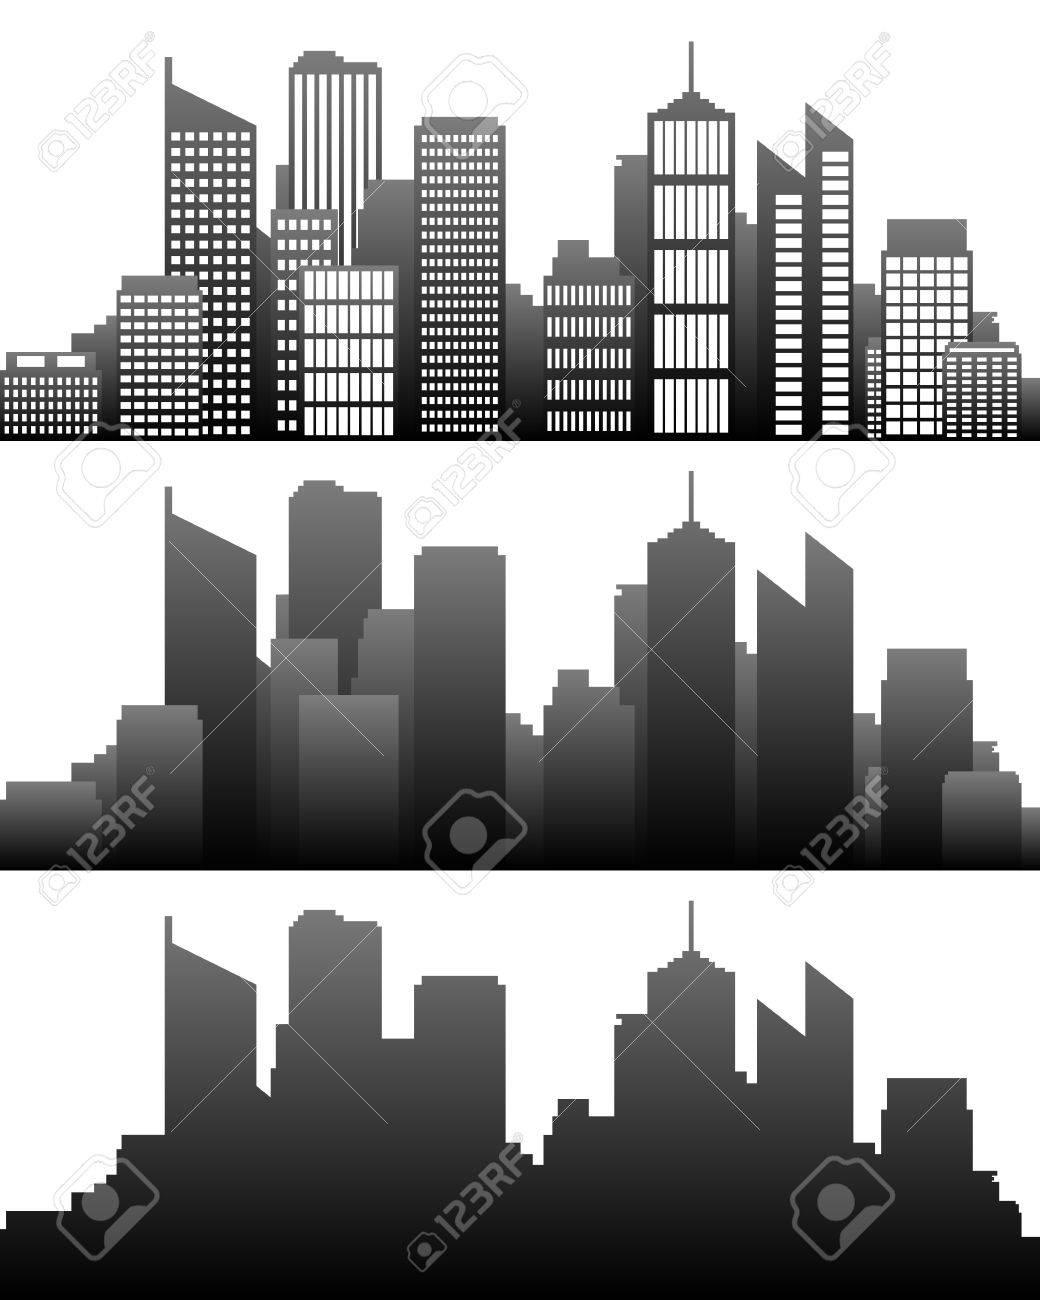 City skyline - 13108646